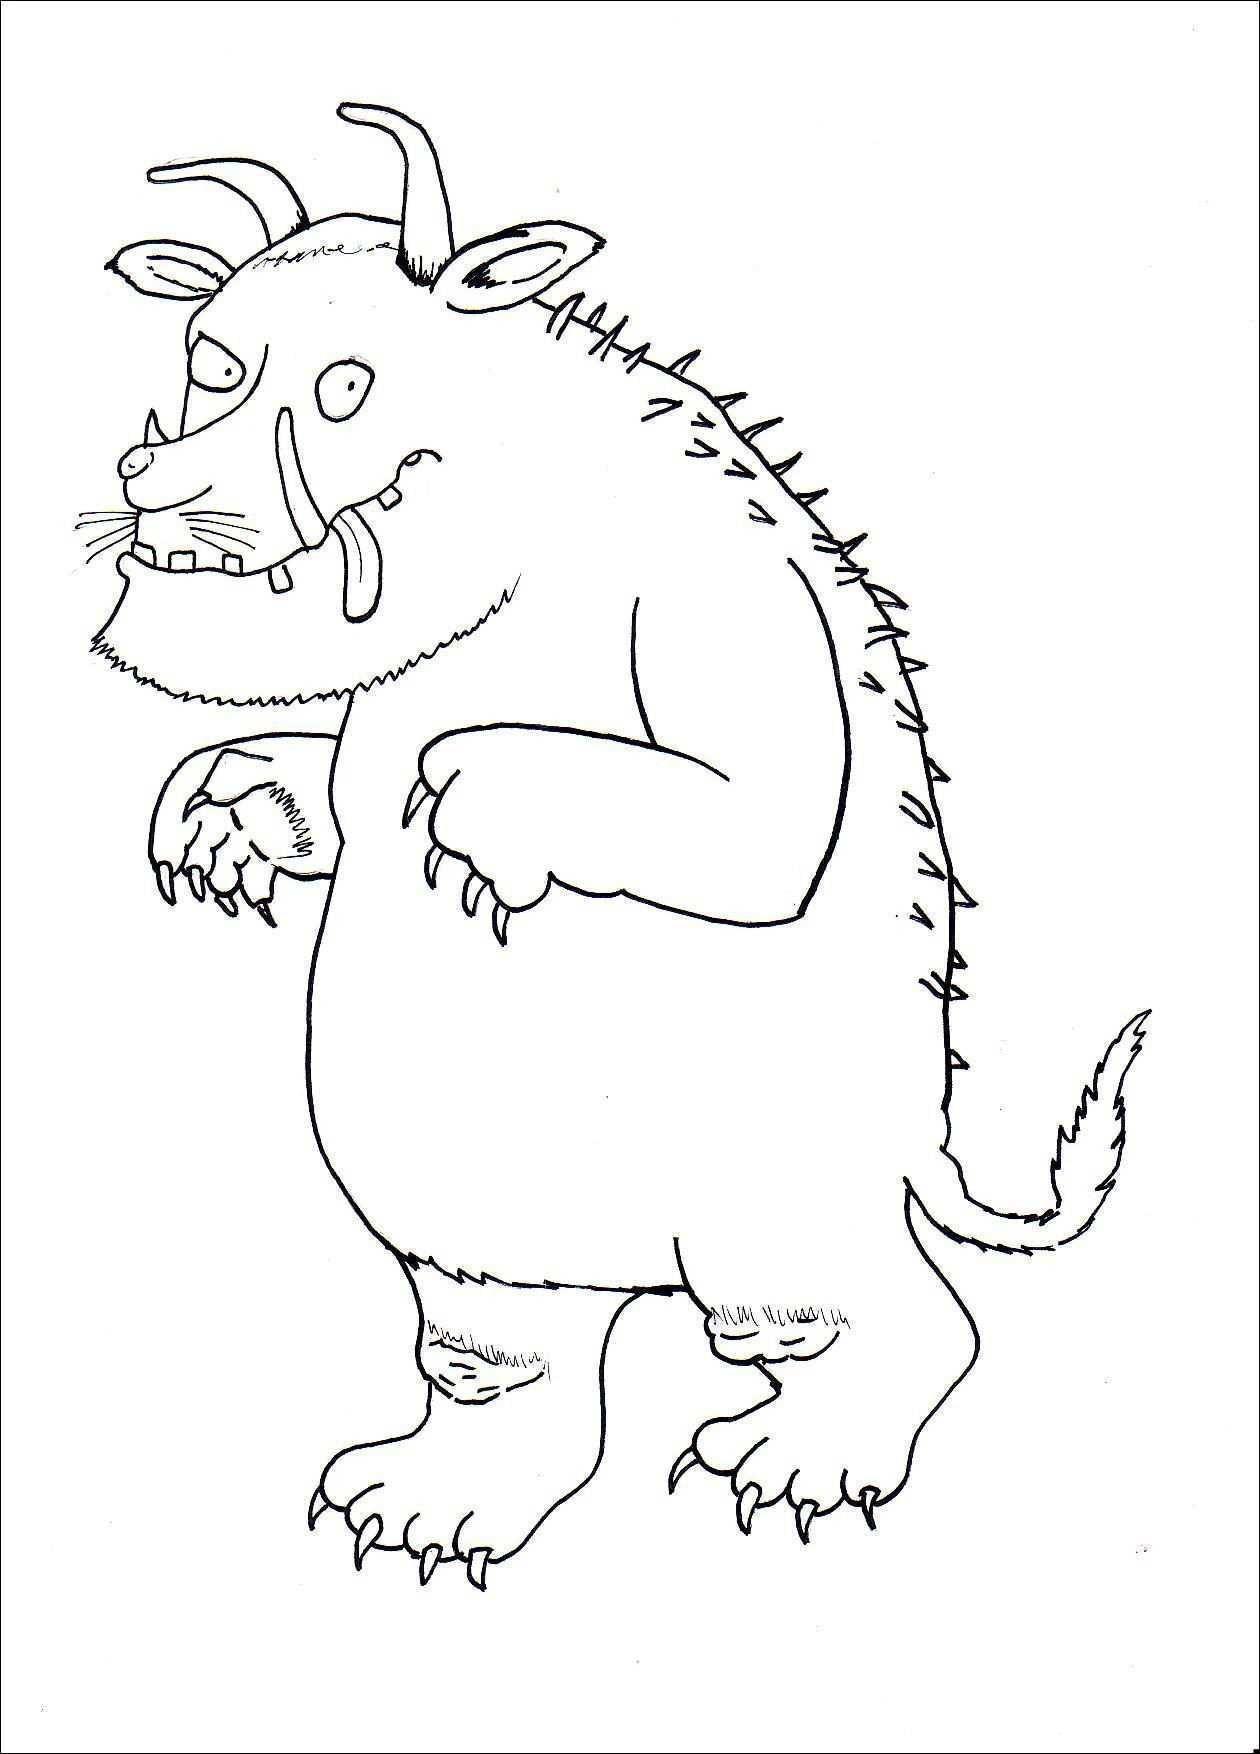 Ausmalbilder Dinosaurier In Einem Land Vor Unserer Zeit Inspirierend Dinosaurier Malvorlagen Ausmalbilder Ebenbild Malvorlagen Bilder